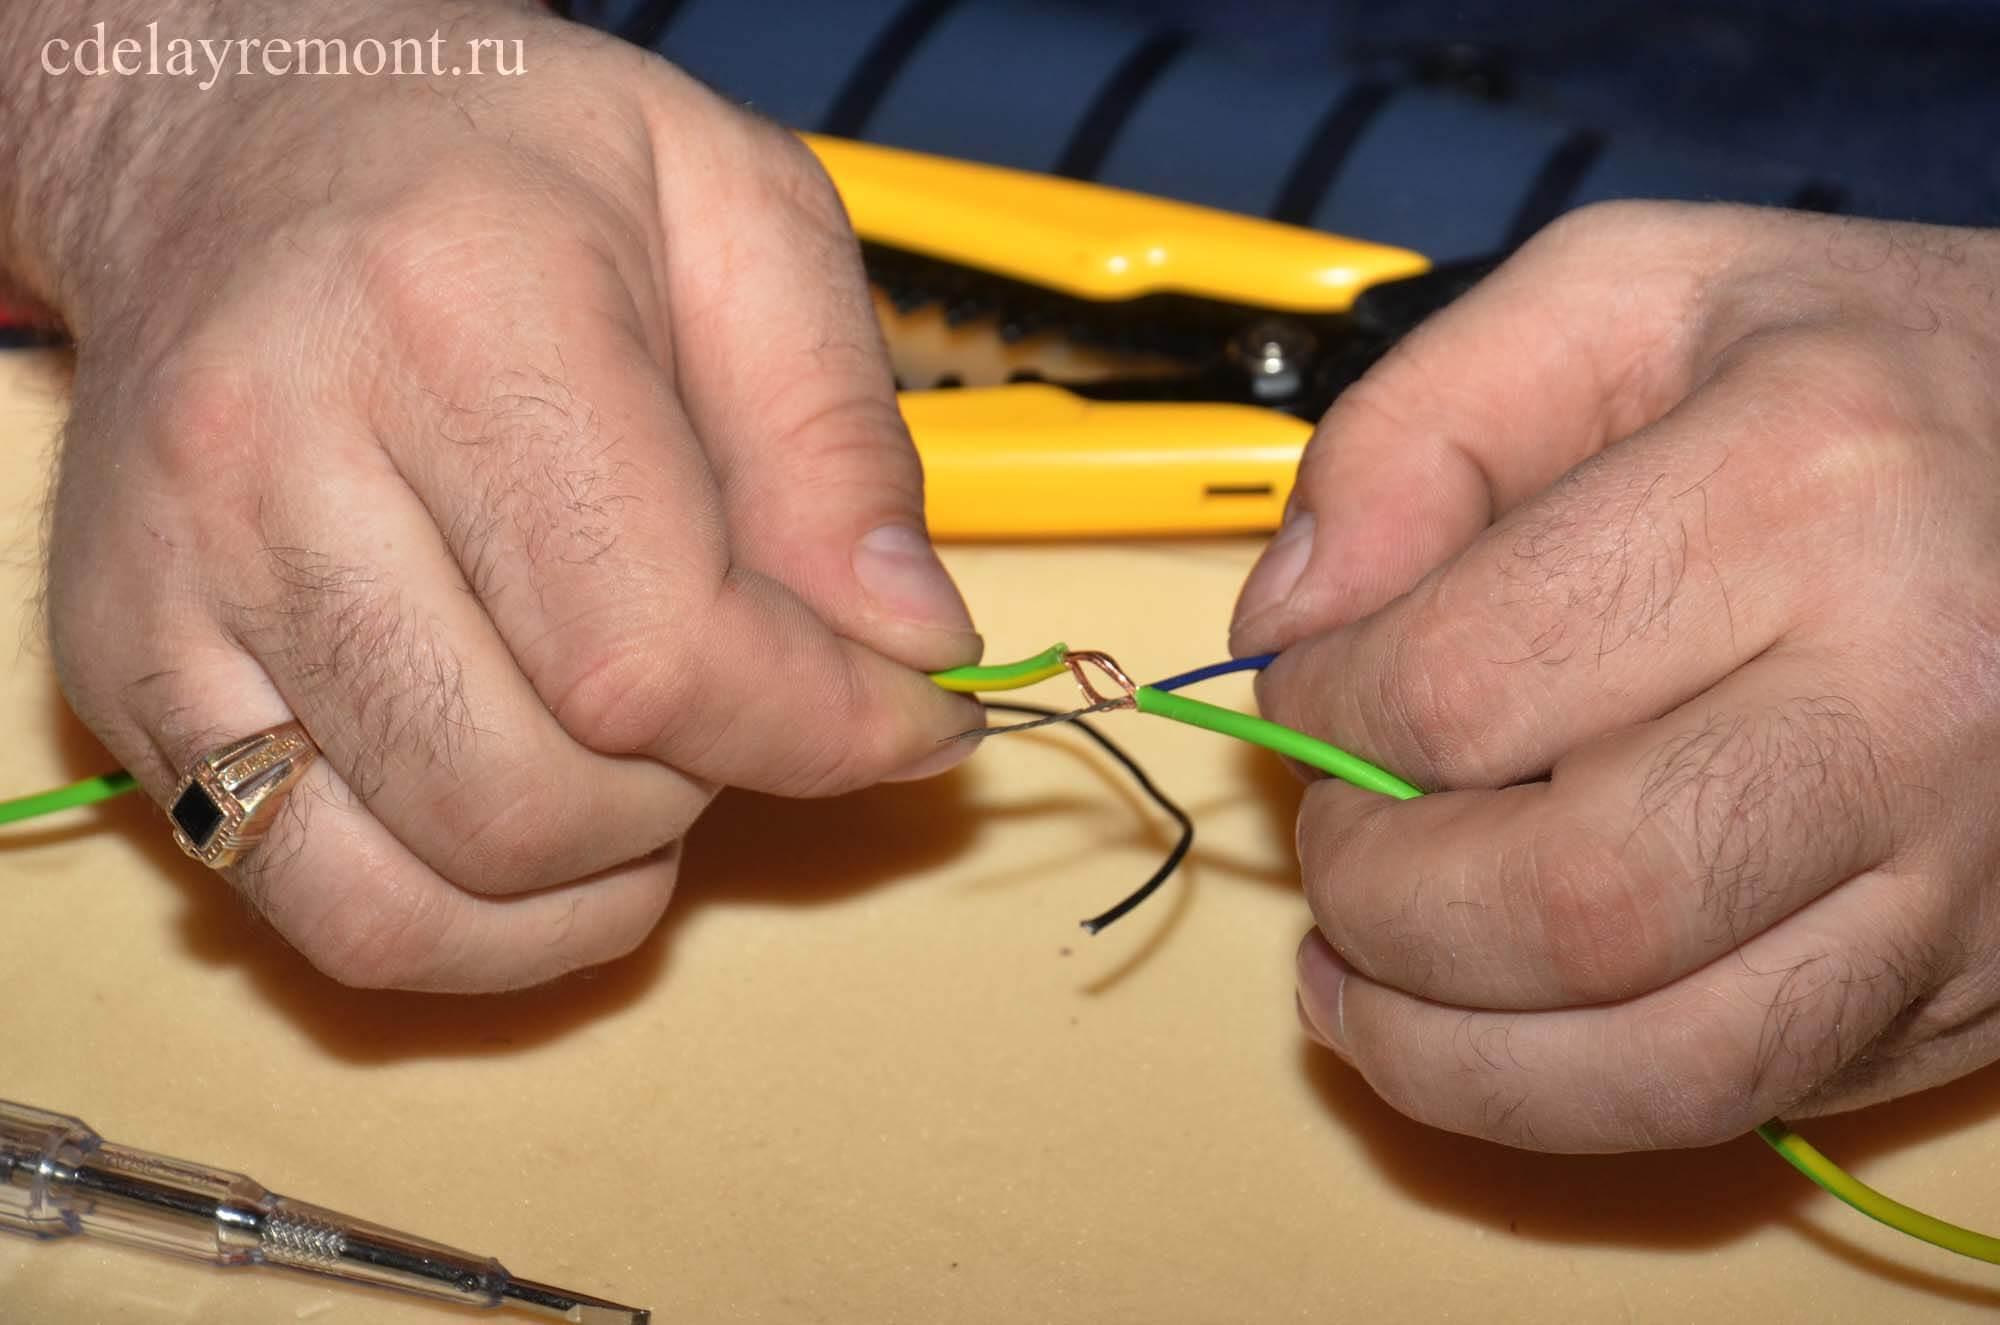 Крепление провода при установке ПЛЭН